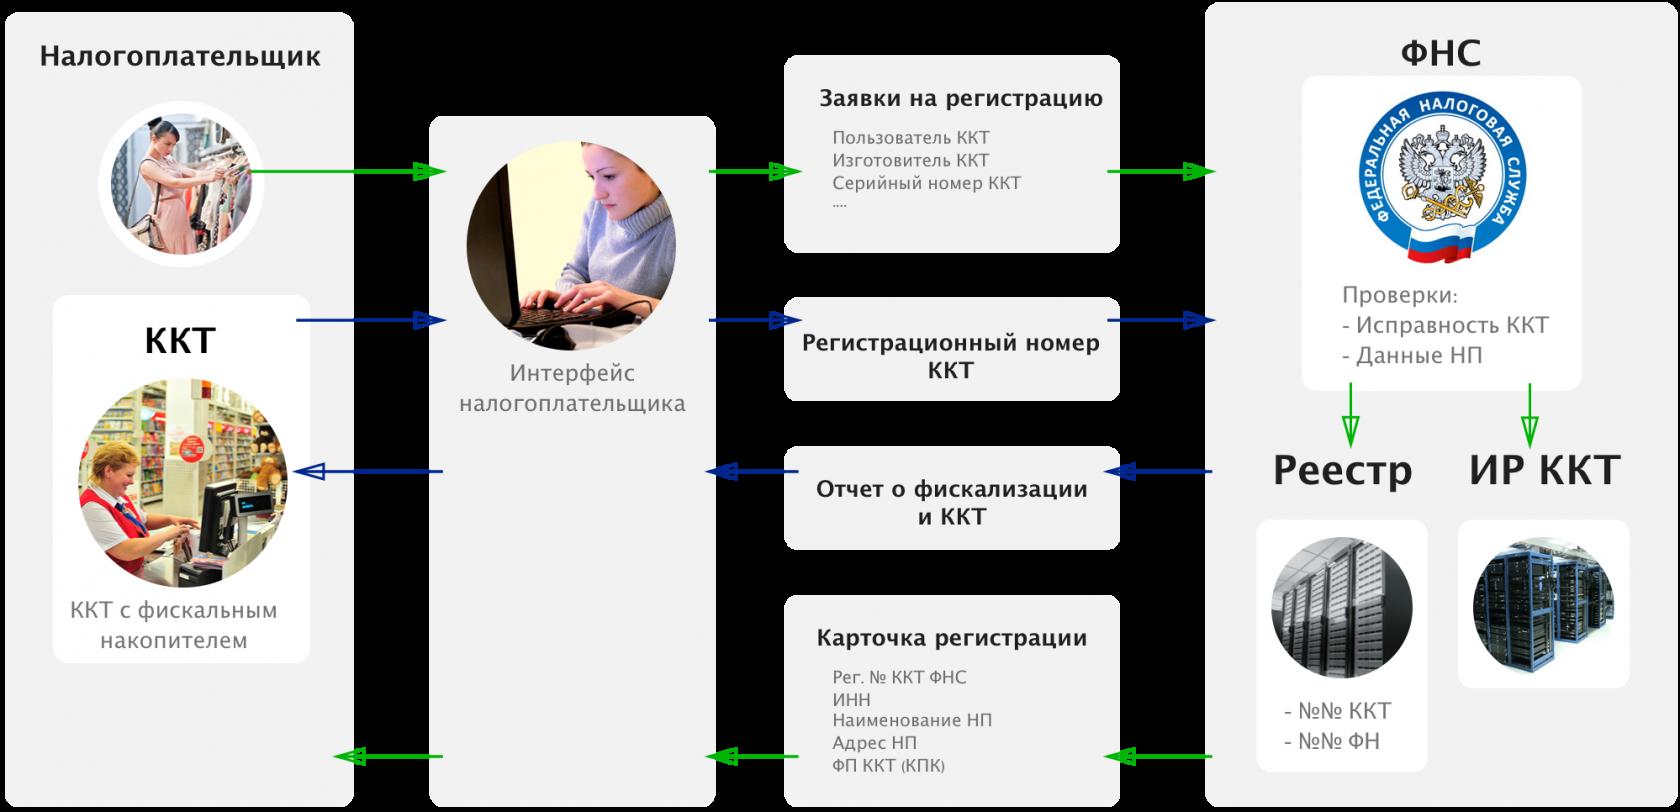 Электронная регистрация ККТ